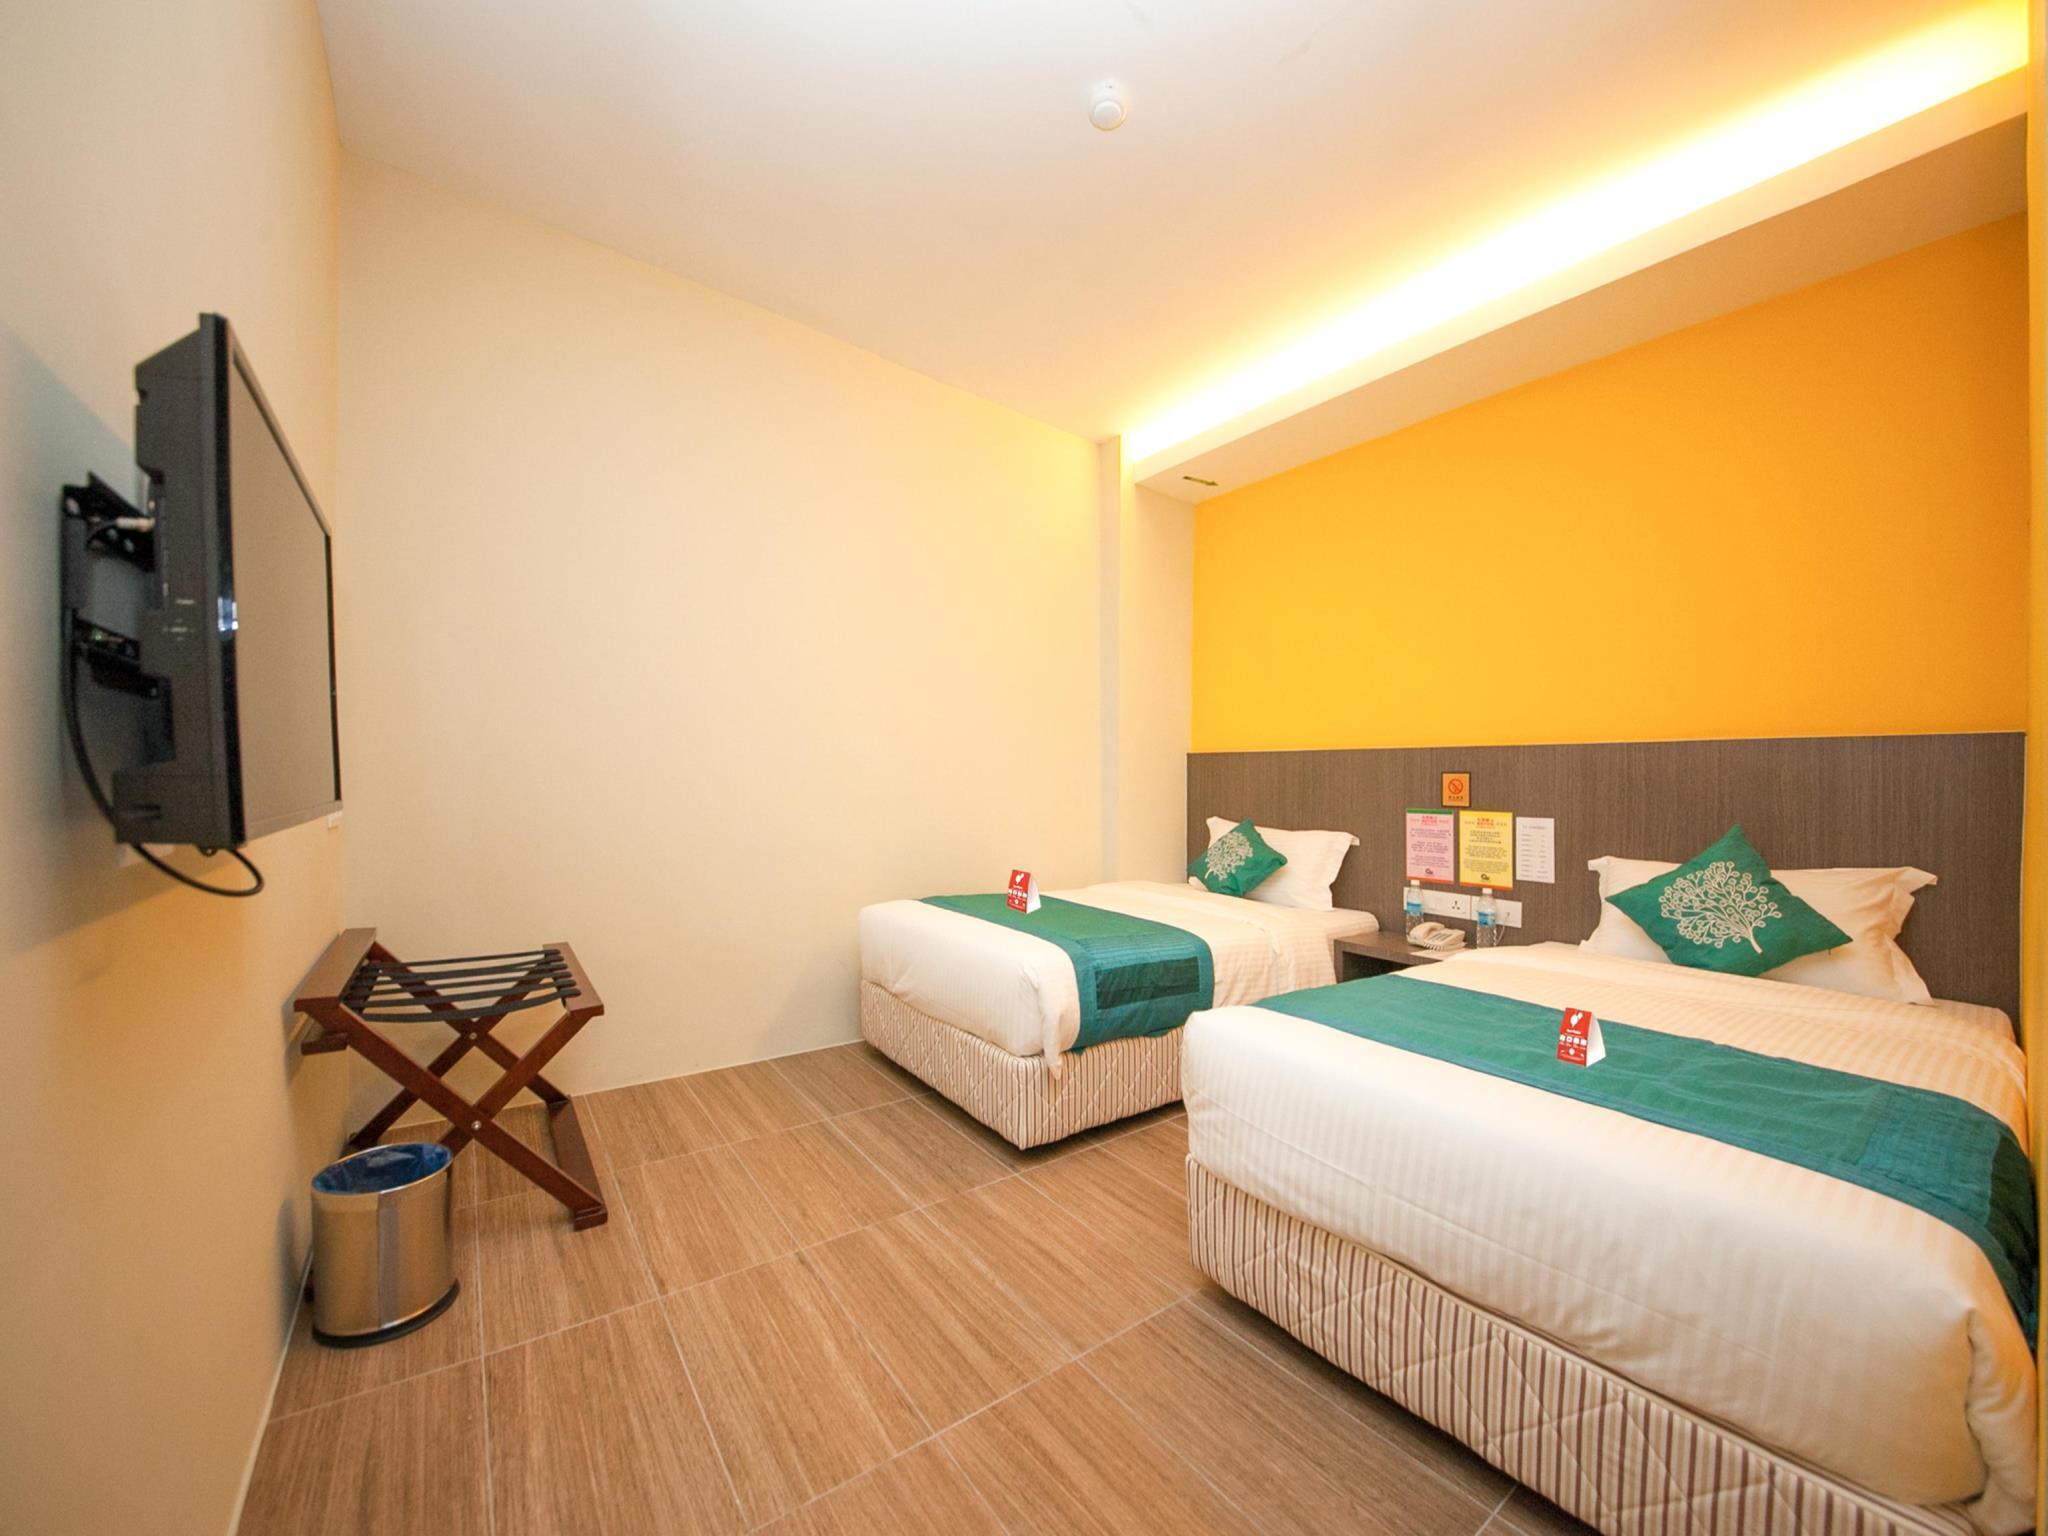 OYO Rooms Jalan Tun Razak